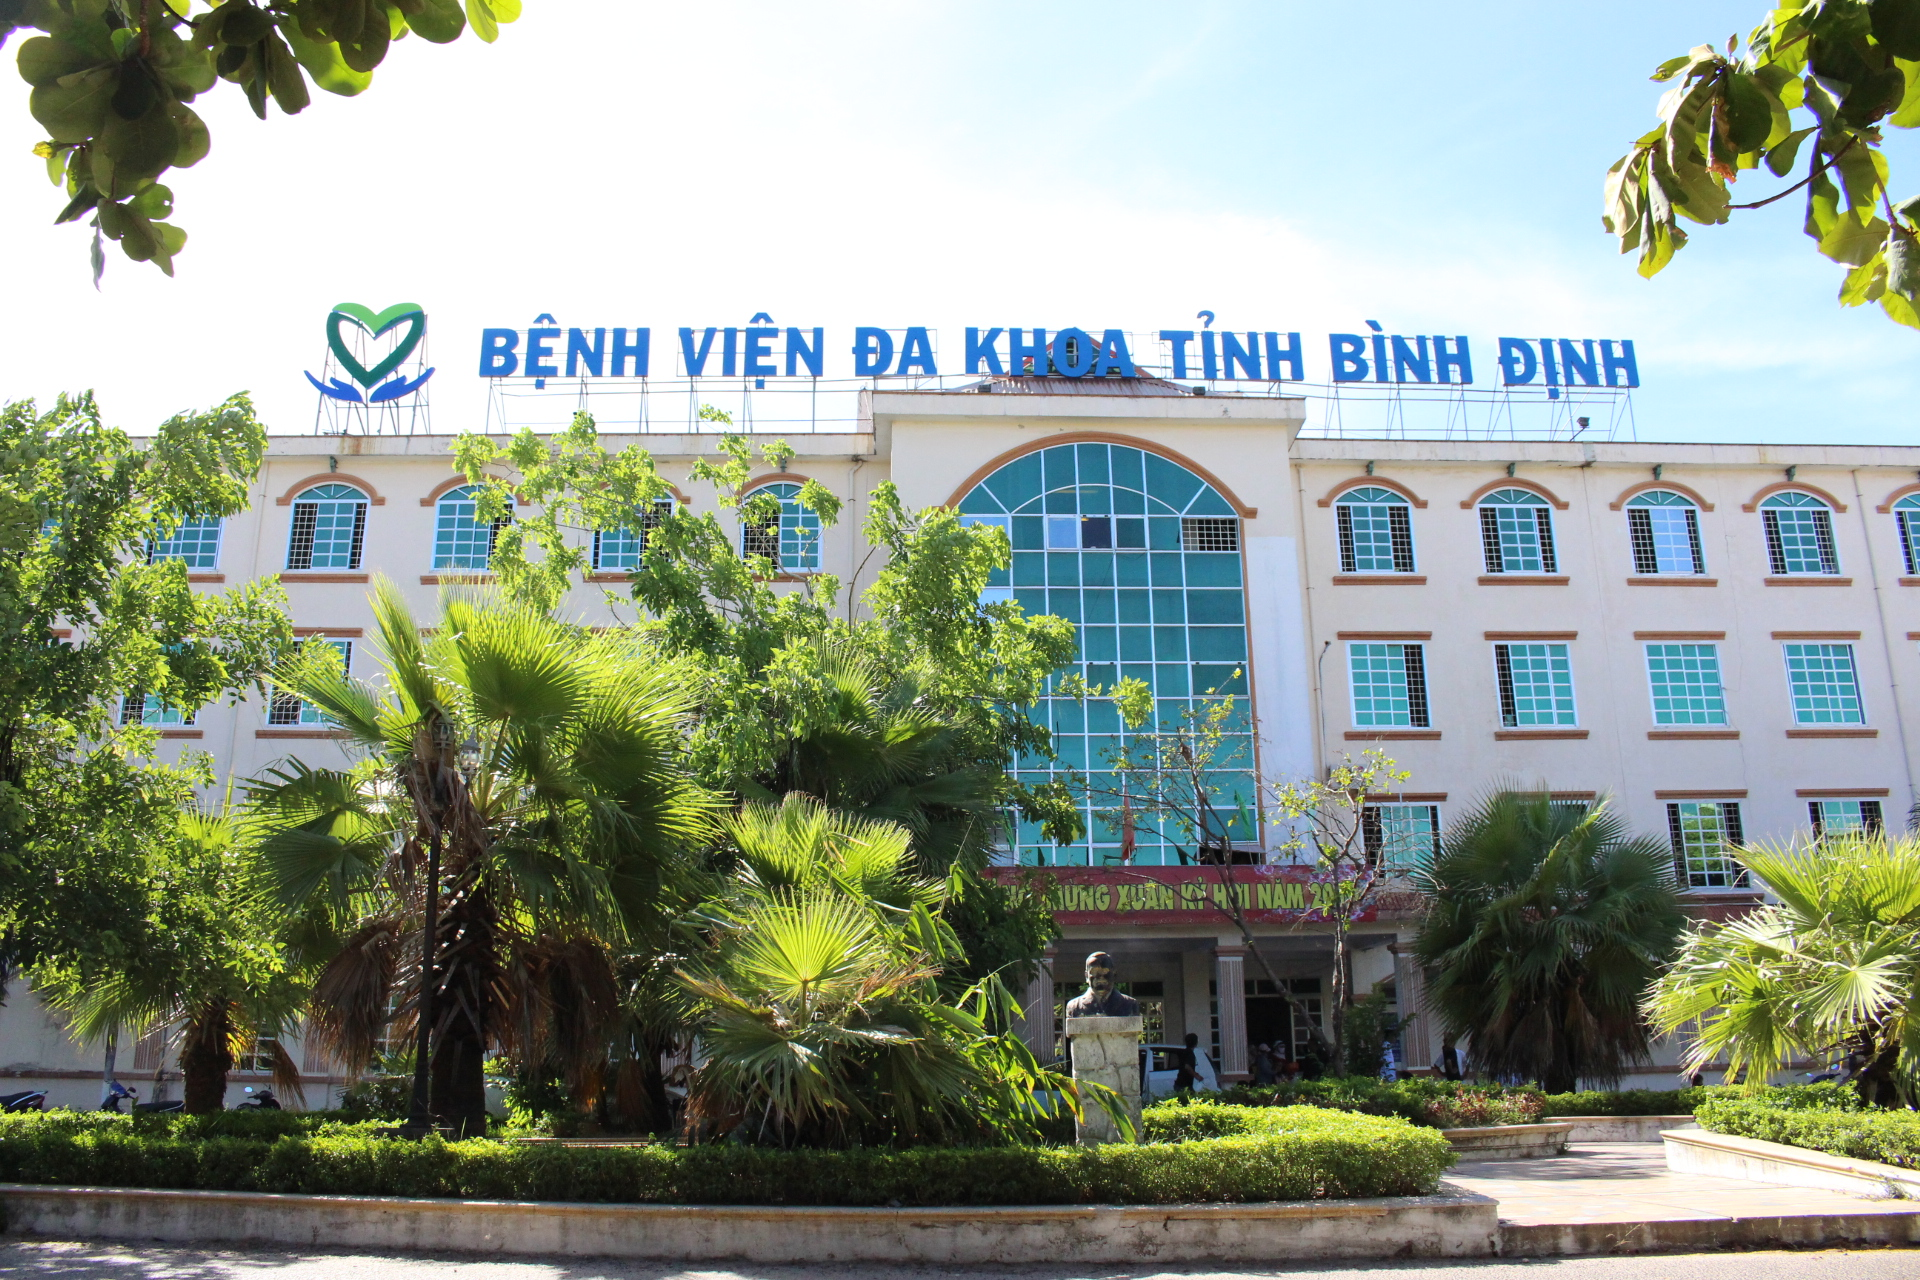 Công tác phổ biến giáo dục pháp luật tại Bệnh viện đa khoa tỉnh Bình Định